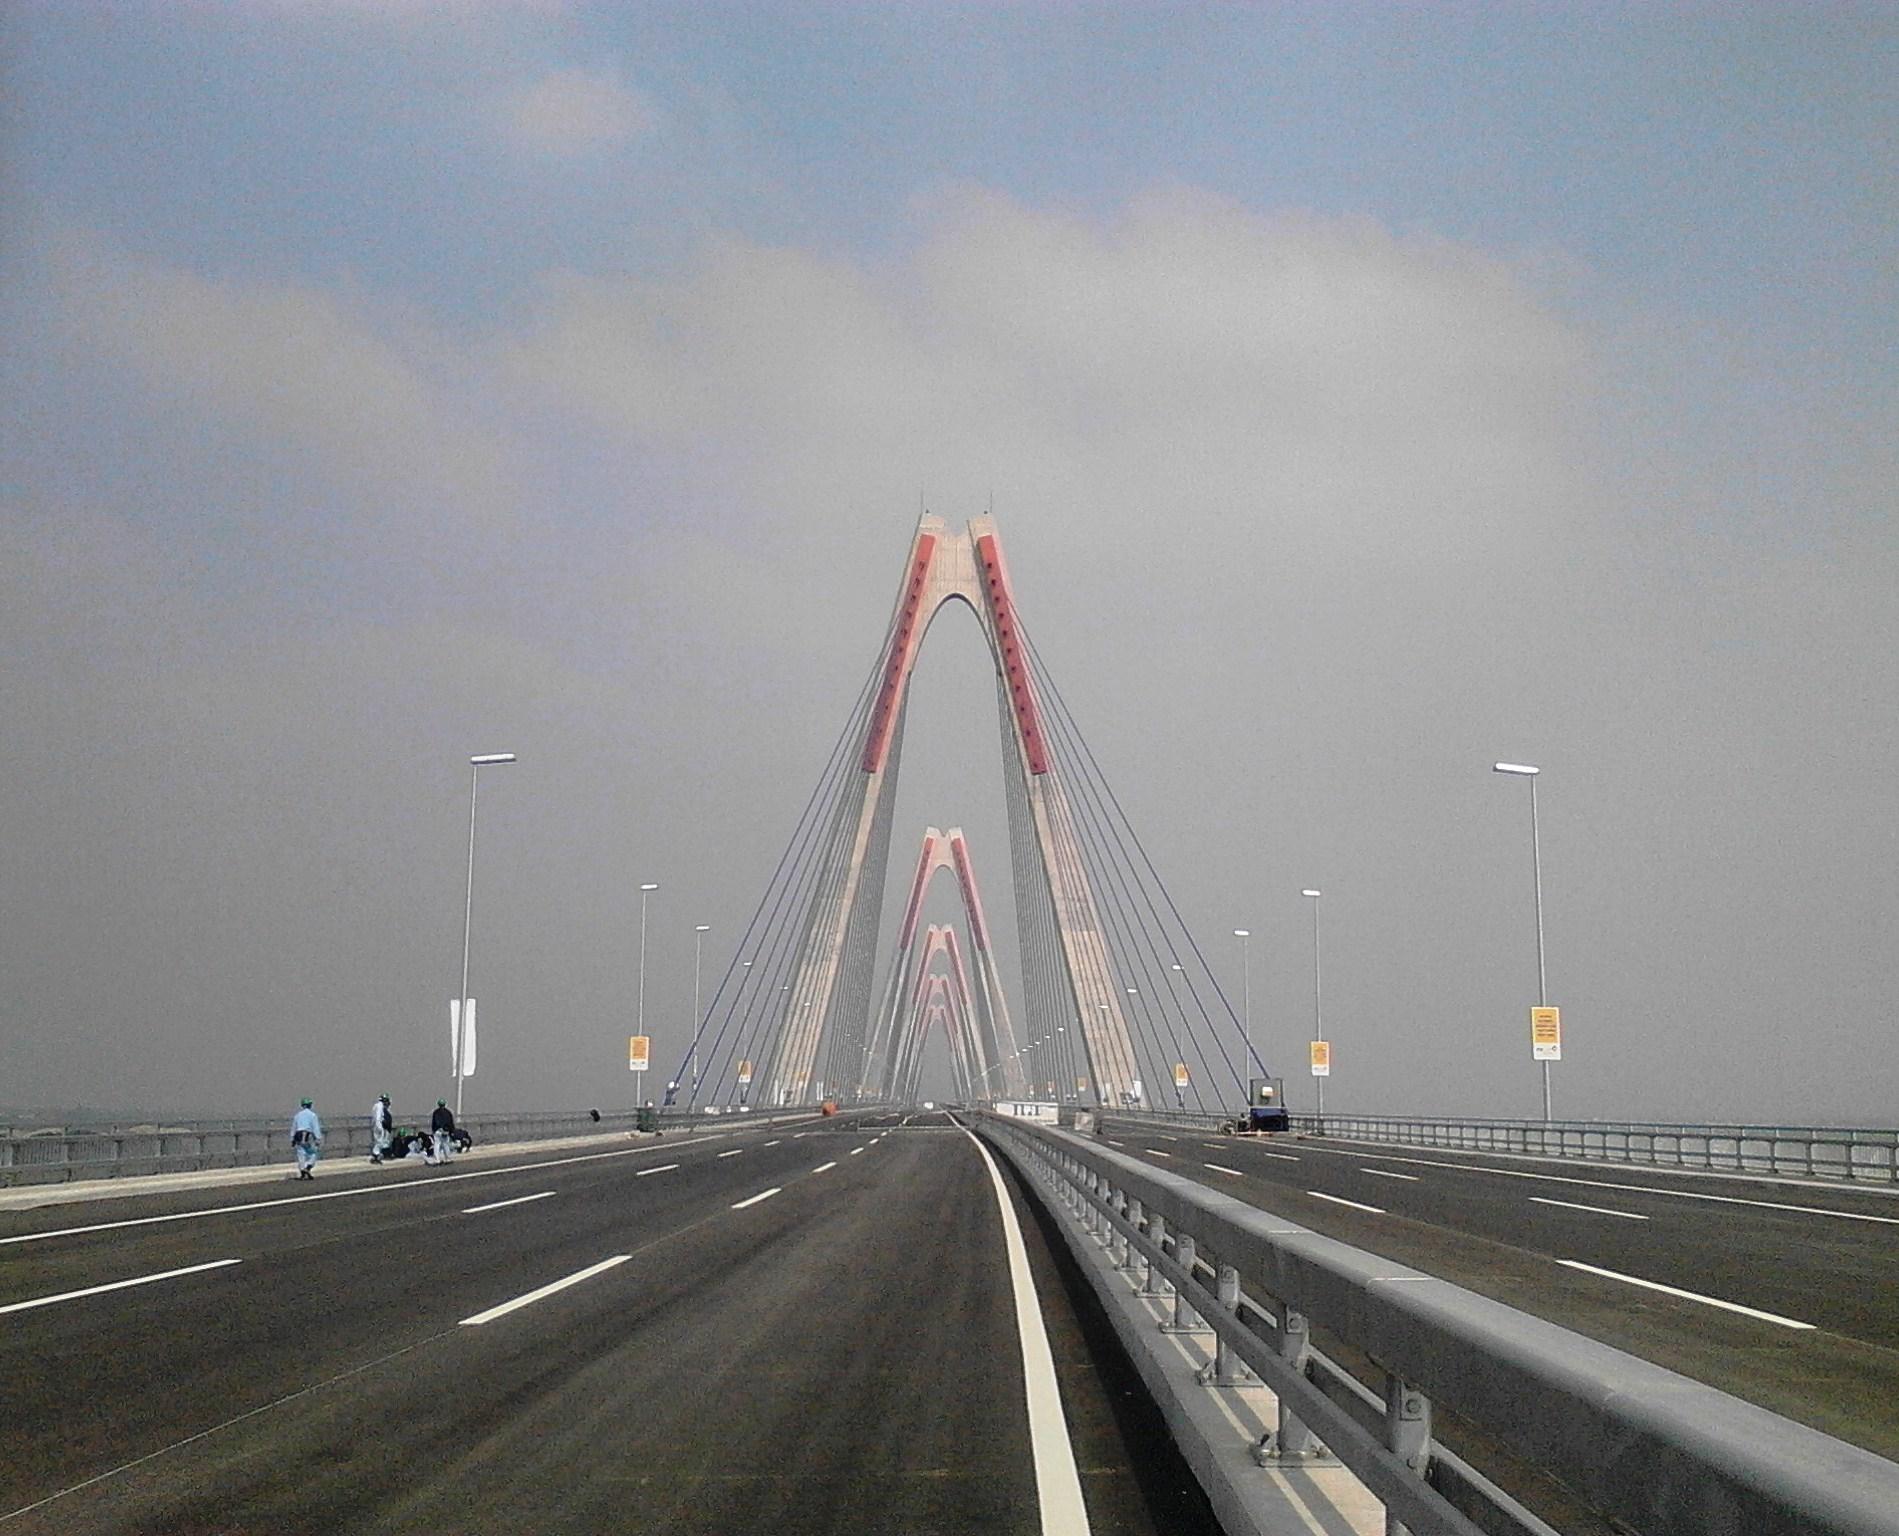 Chùm ảnh cầu dây văng gần 14 tỷ vượt sông Hồng 14